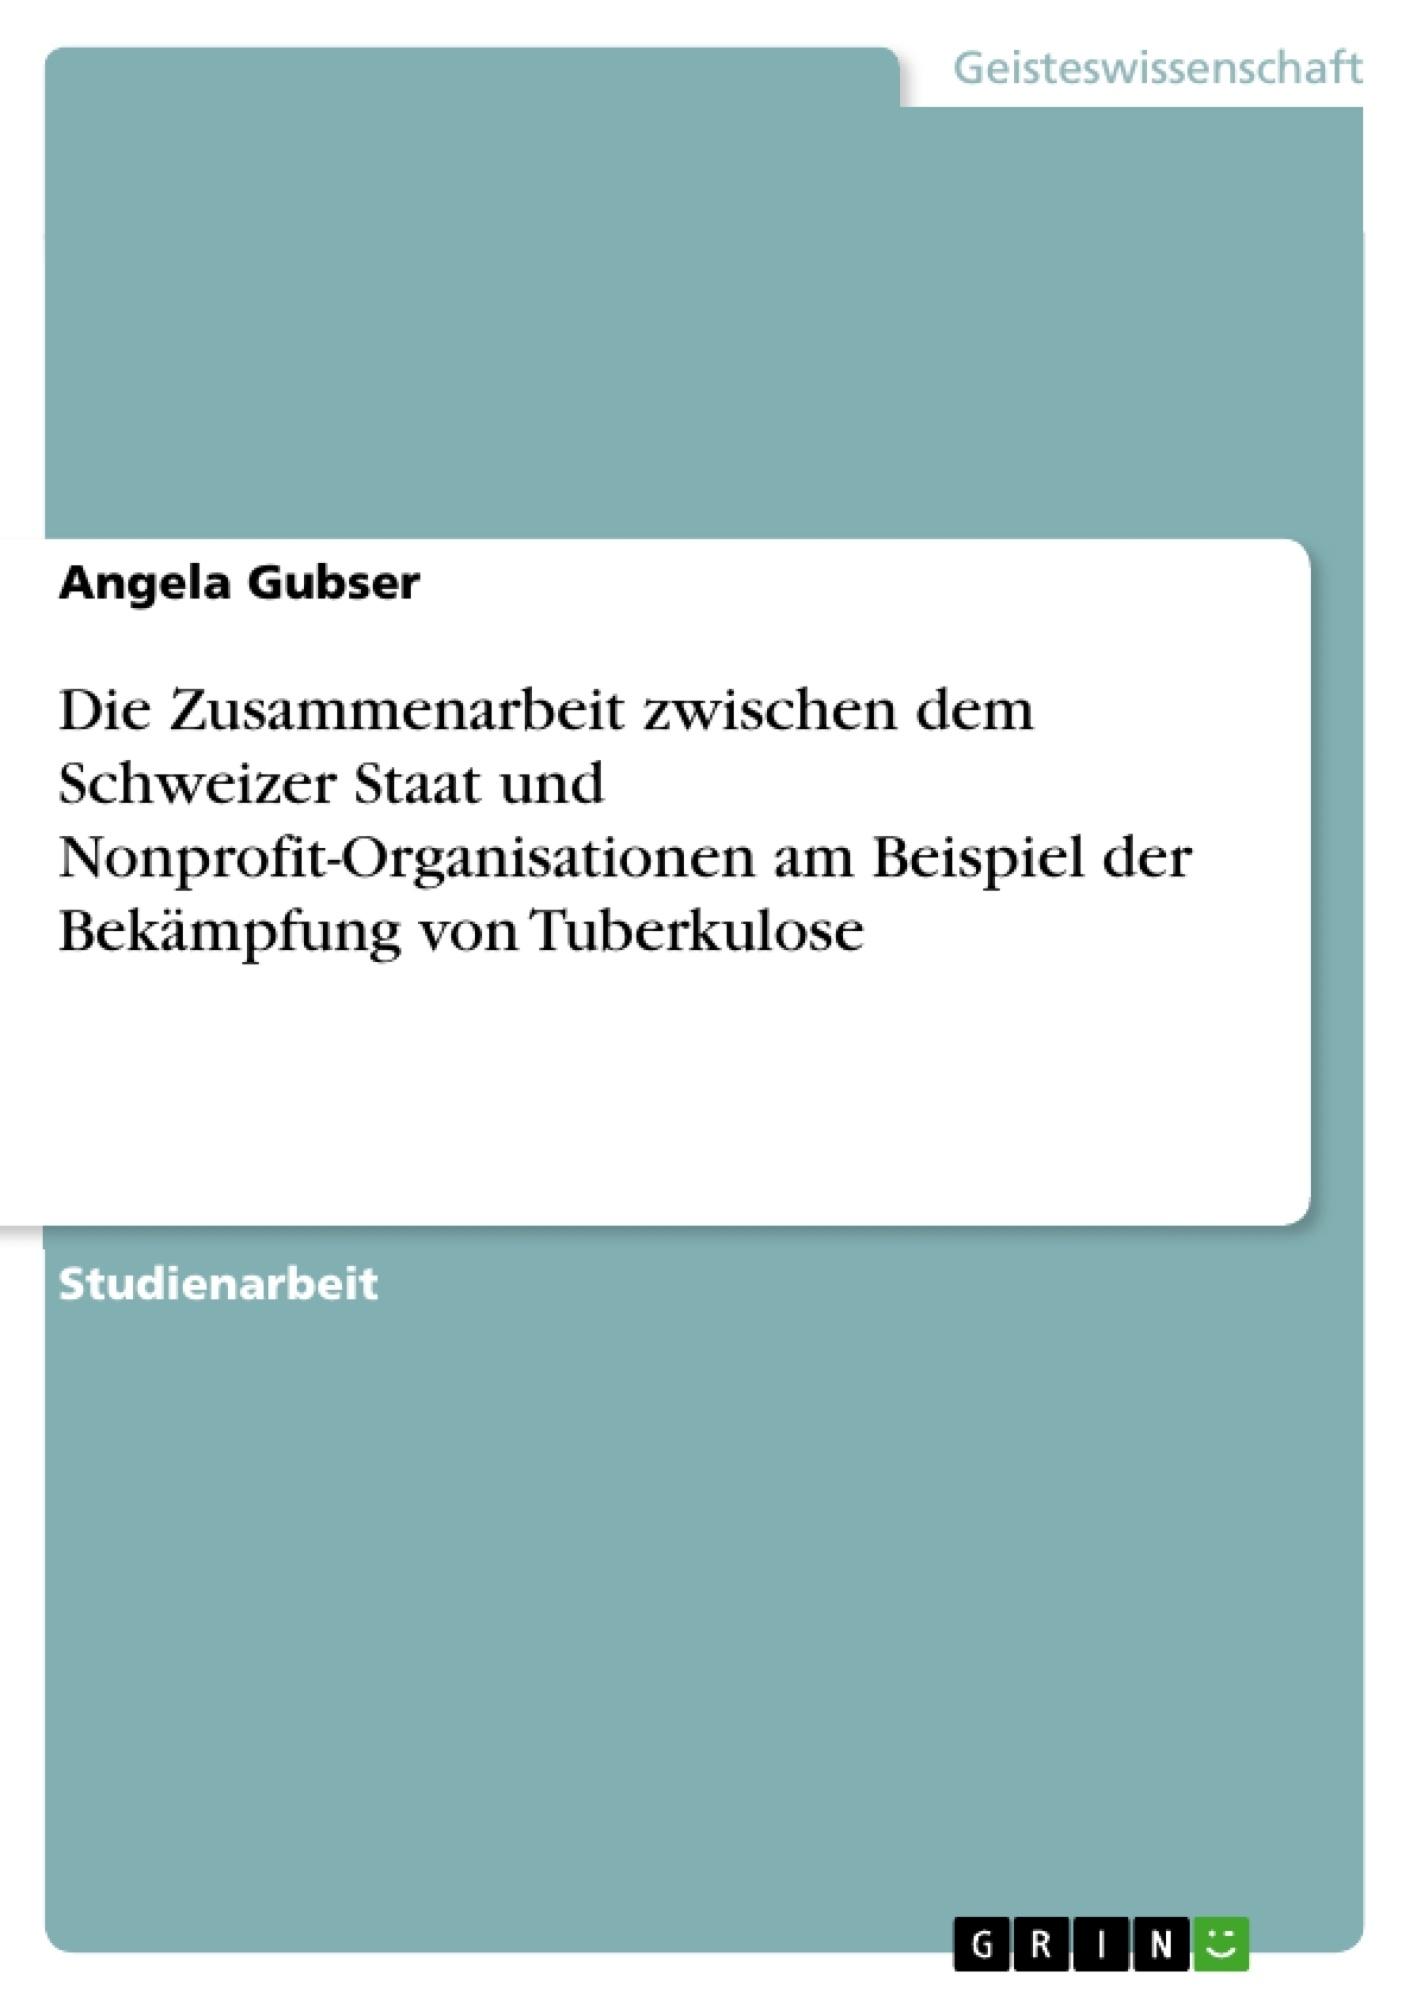 Titel: Die Zusammenarbeit zwischen dem Schweizer Staat und Nonprofit-Organisationen am Beispiel der Bekämpfung von Tuberkulose